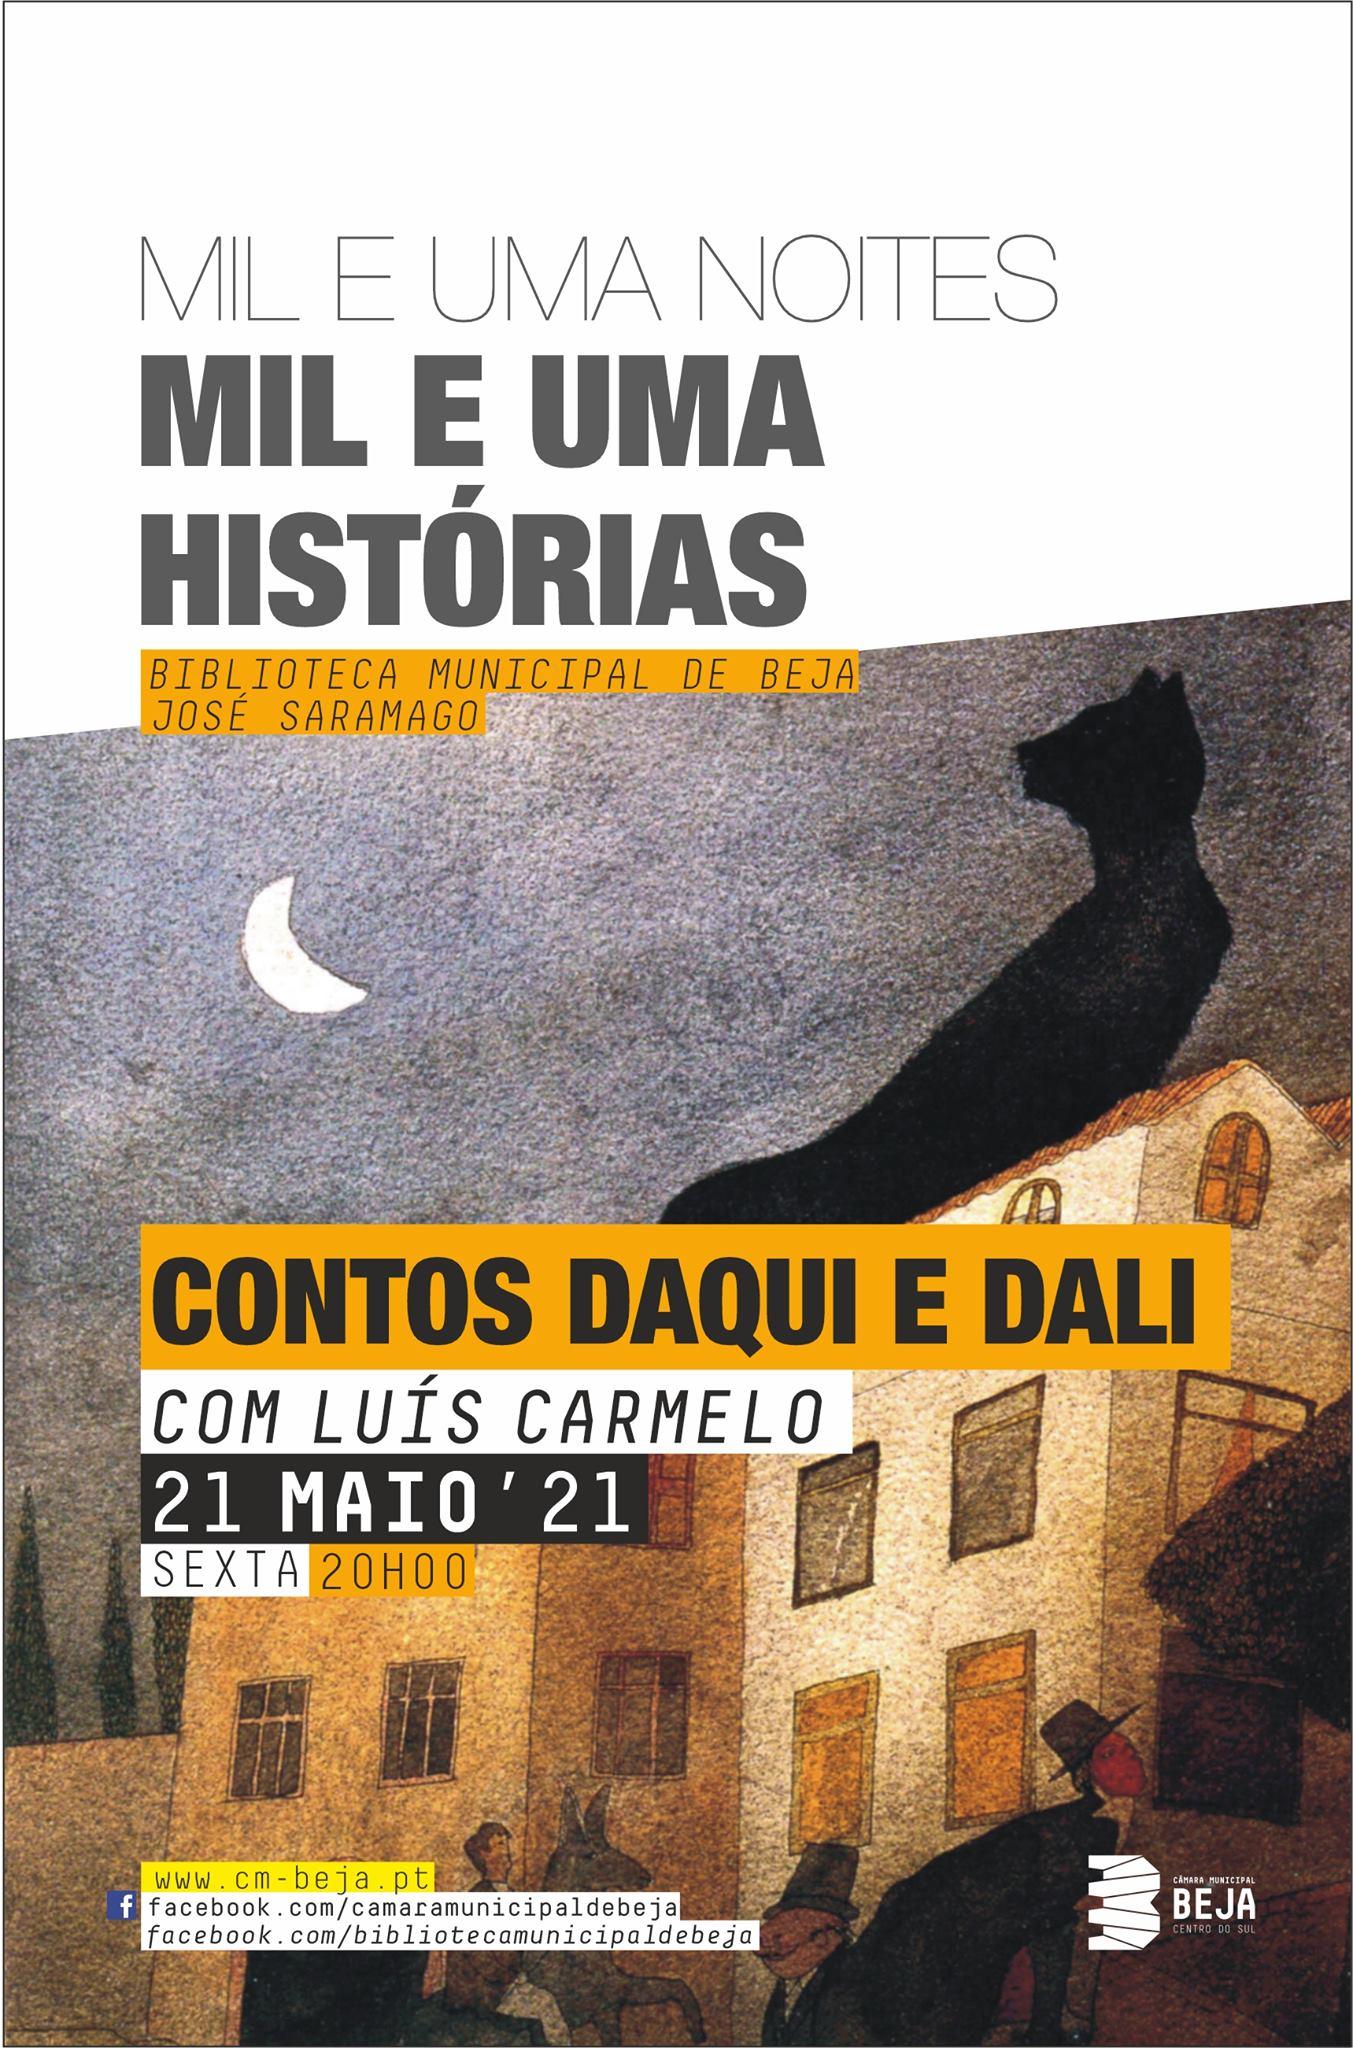 Contos Daqui e Dali com Luís Carmelo